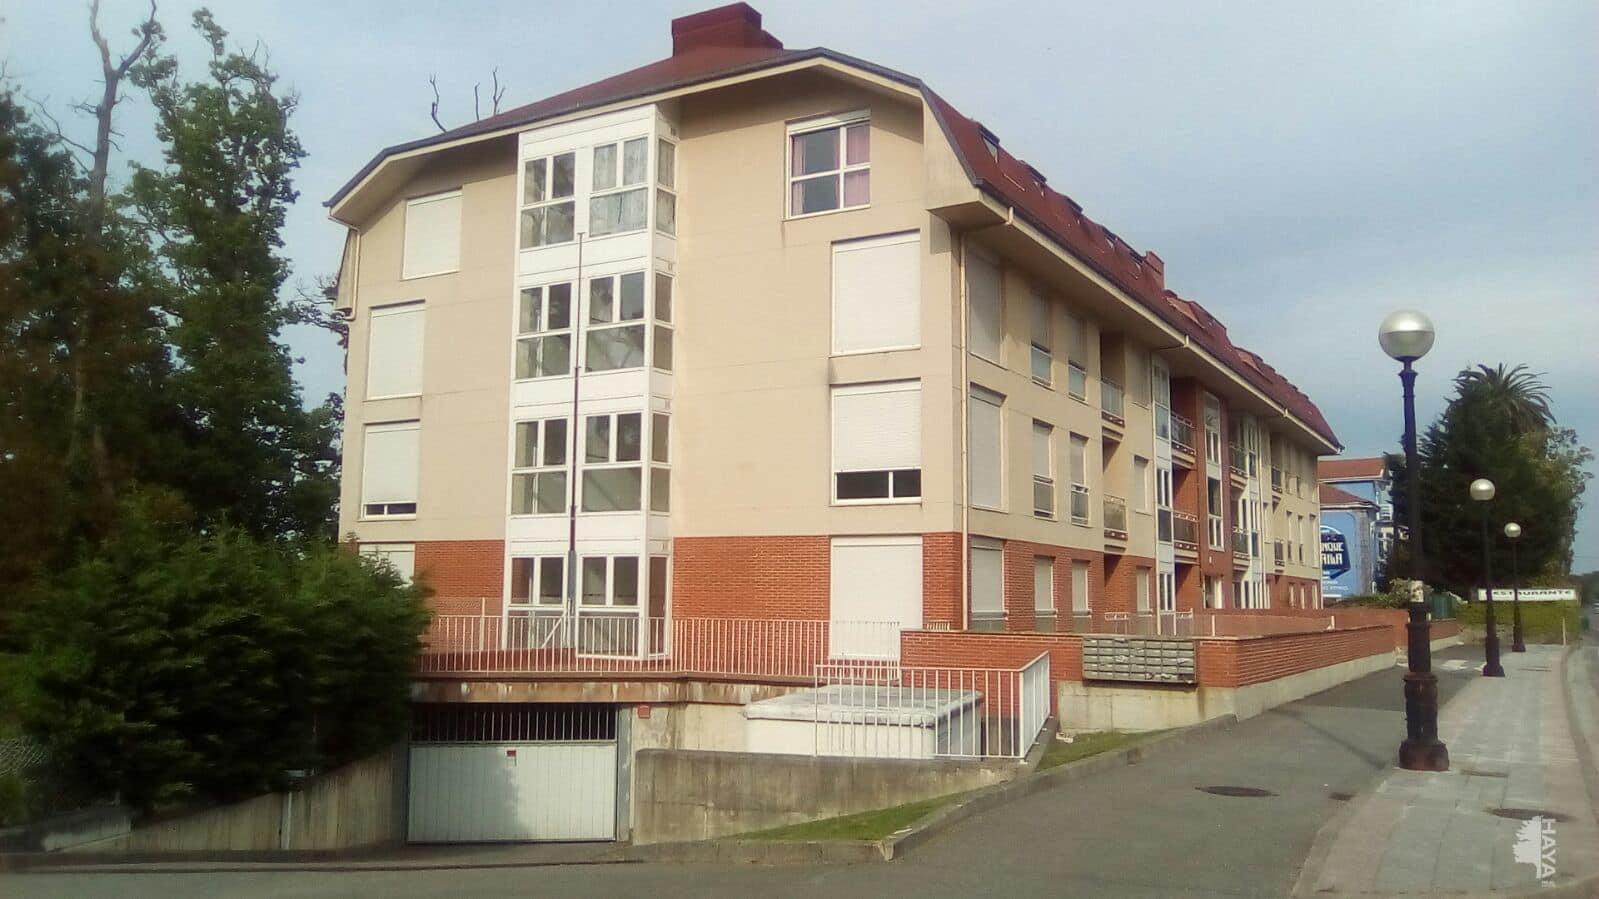 Piso en venta en Bárcena de Cicero, Cantabria, Carretera N-634 Urbanizacion Parquemar, 135.519 €, 2 habitaciones, 2 baños, 81 m2